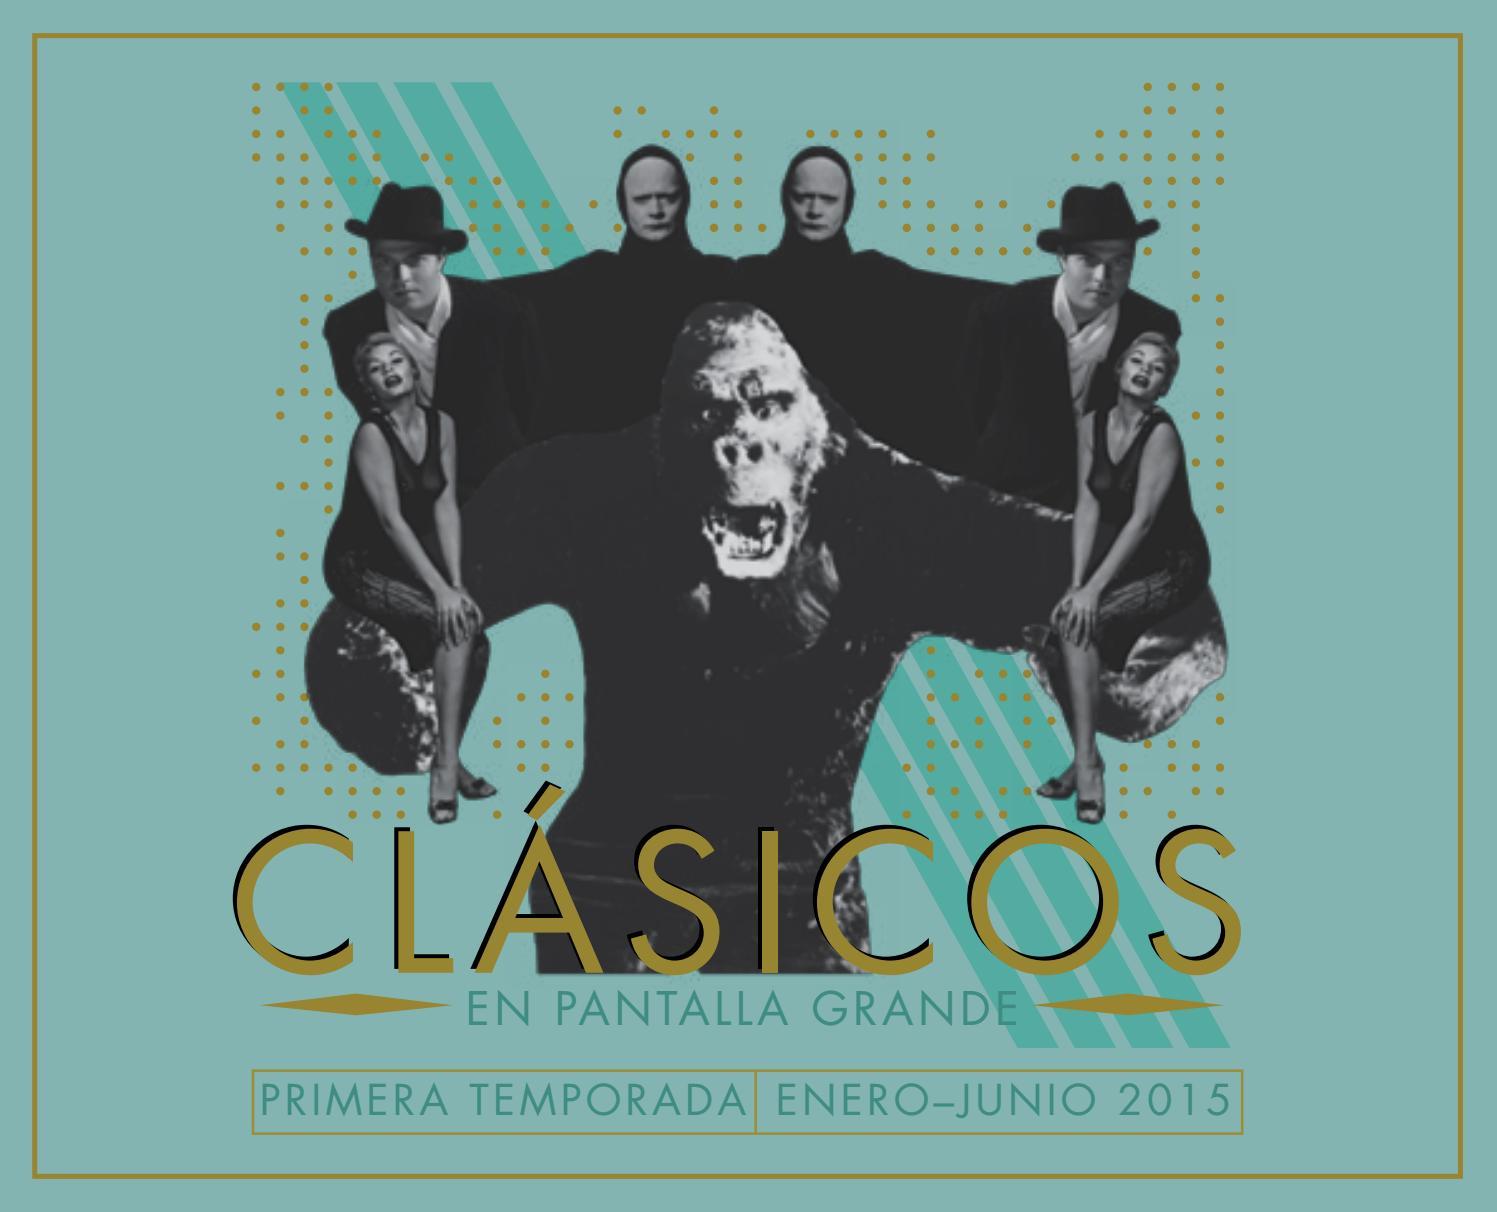 663b6c0ca Primera temporada de Clásicos en Pantalla Grande by Cineteca Nacional de  México - issuu